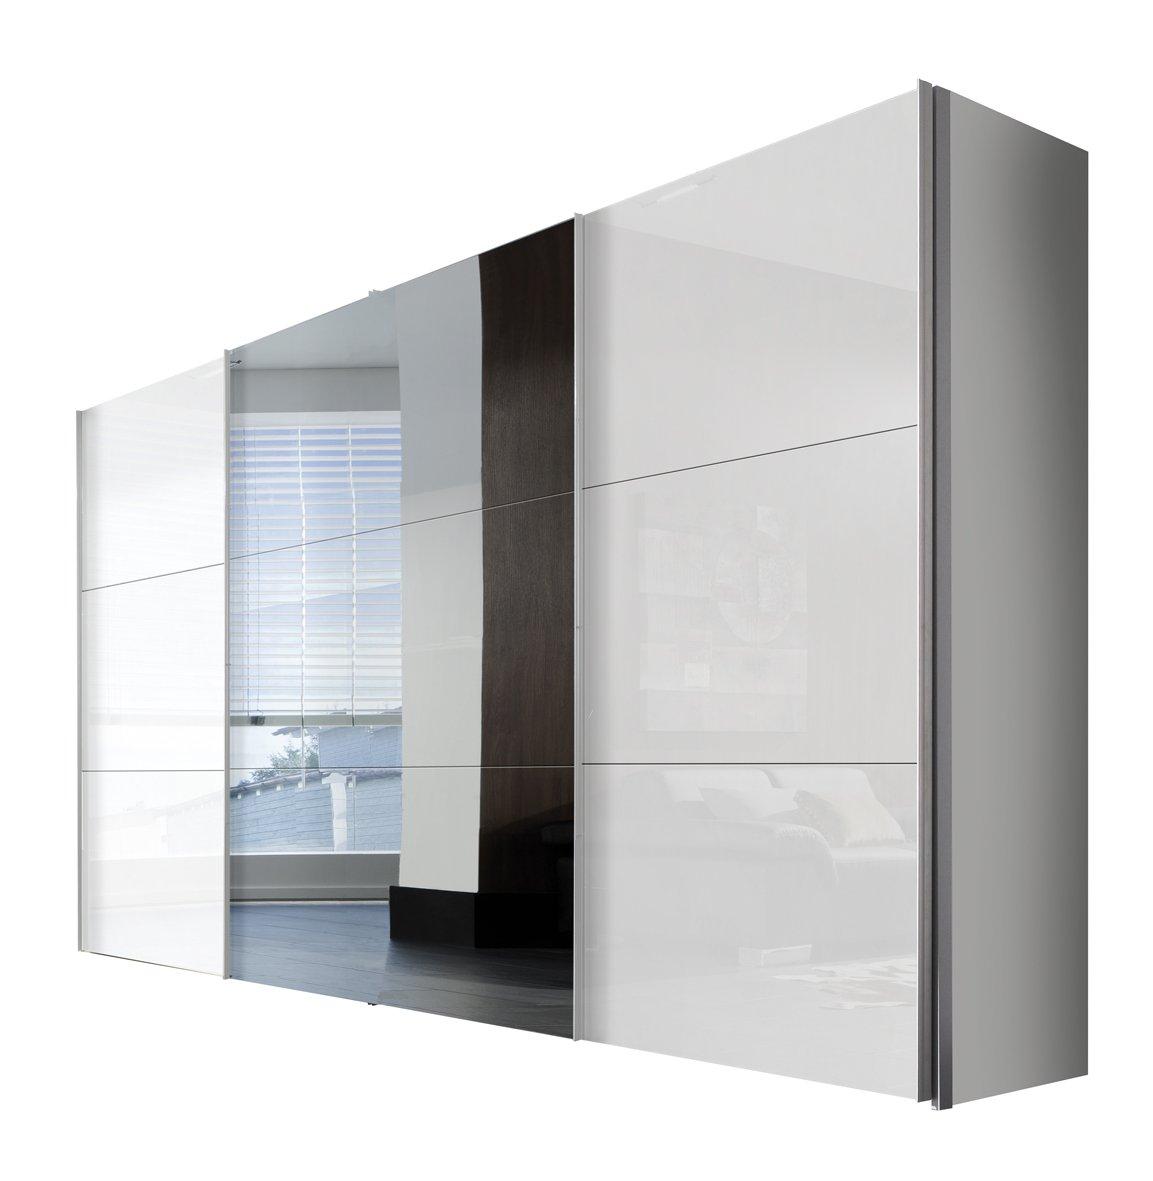 Solutions 45350-203 Schwebetürenschrank 3-türig, Griffleisten Alufarben, Korpus Polarweiß / Front Lack weiß und Spiegel